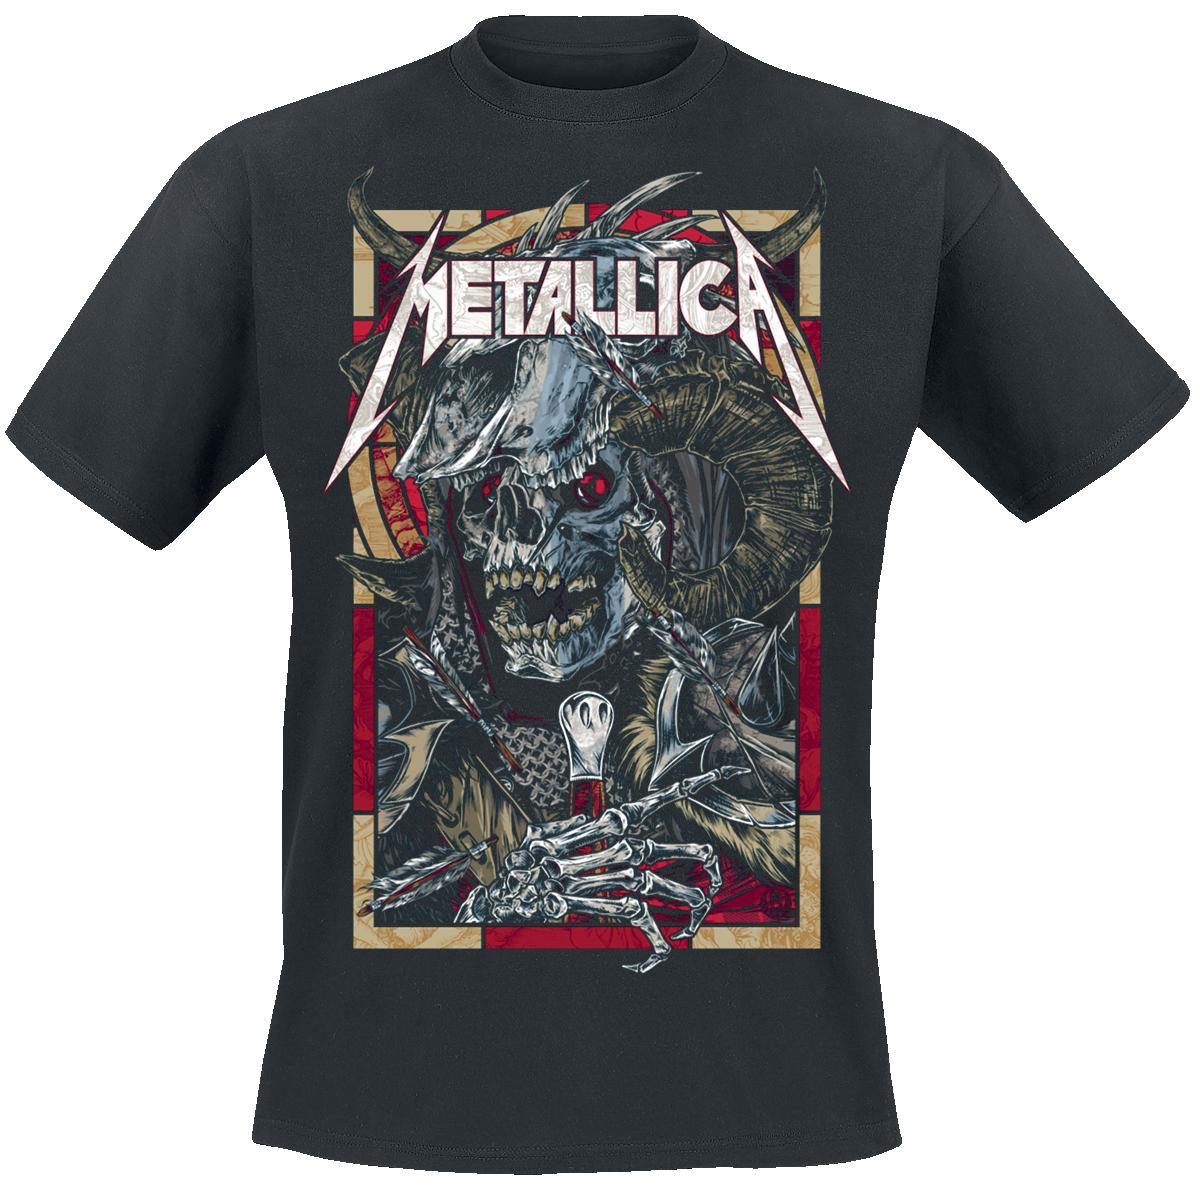 Metallica - War - T-Shirt - black image